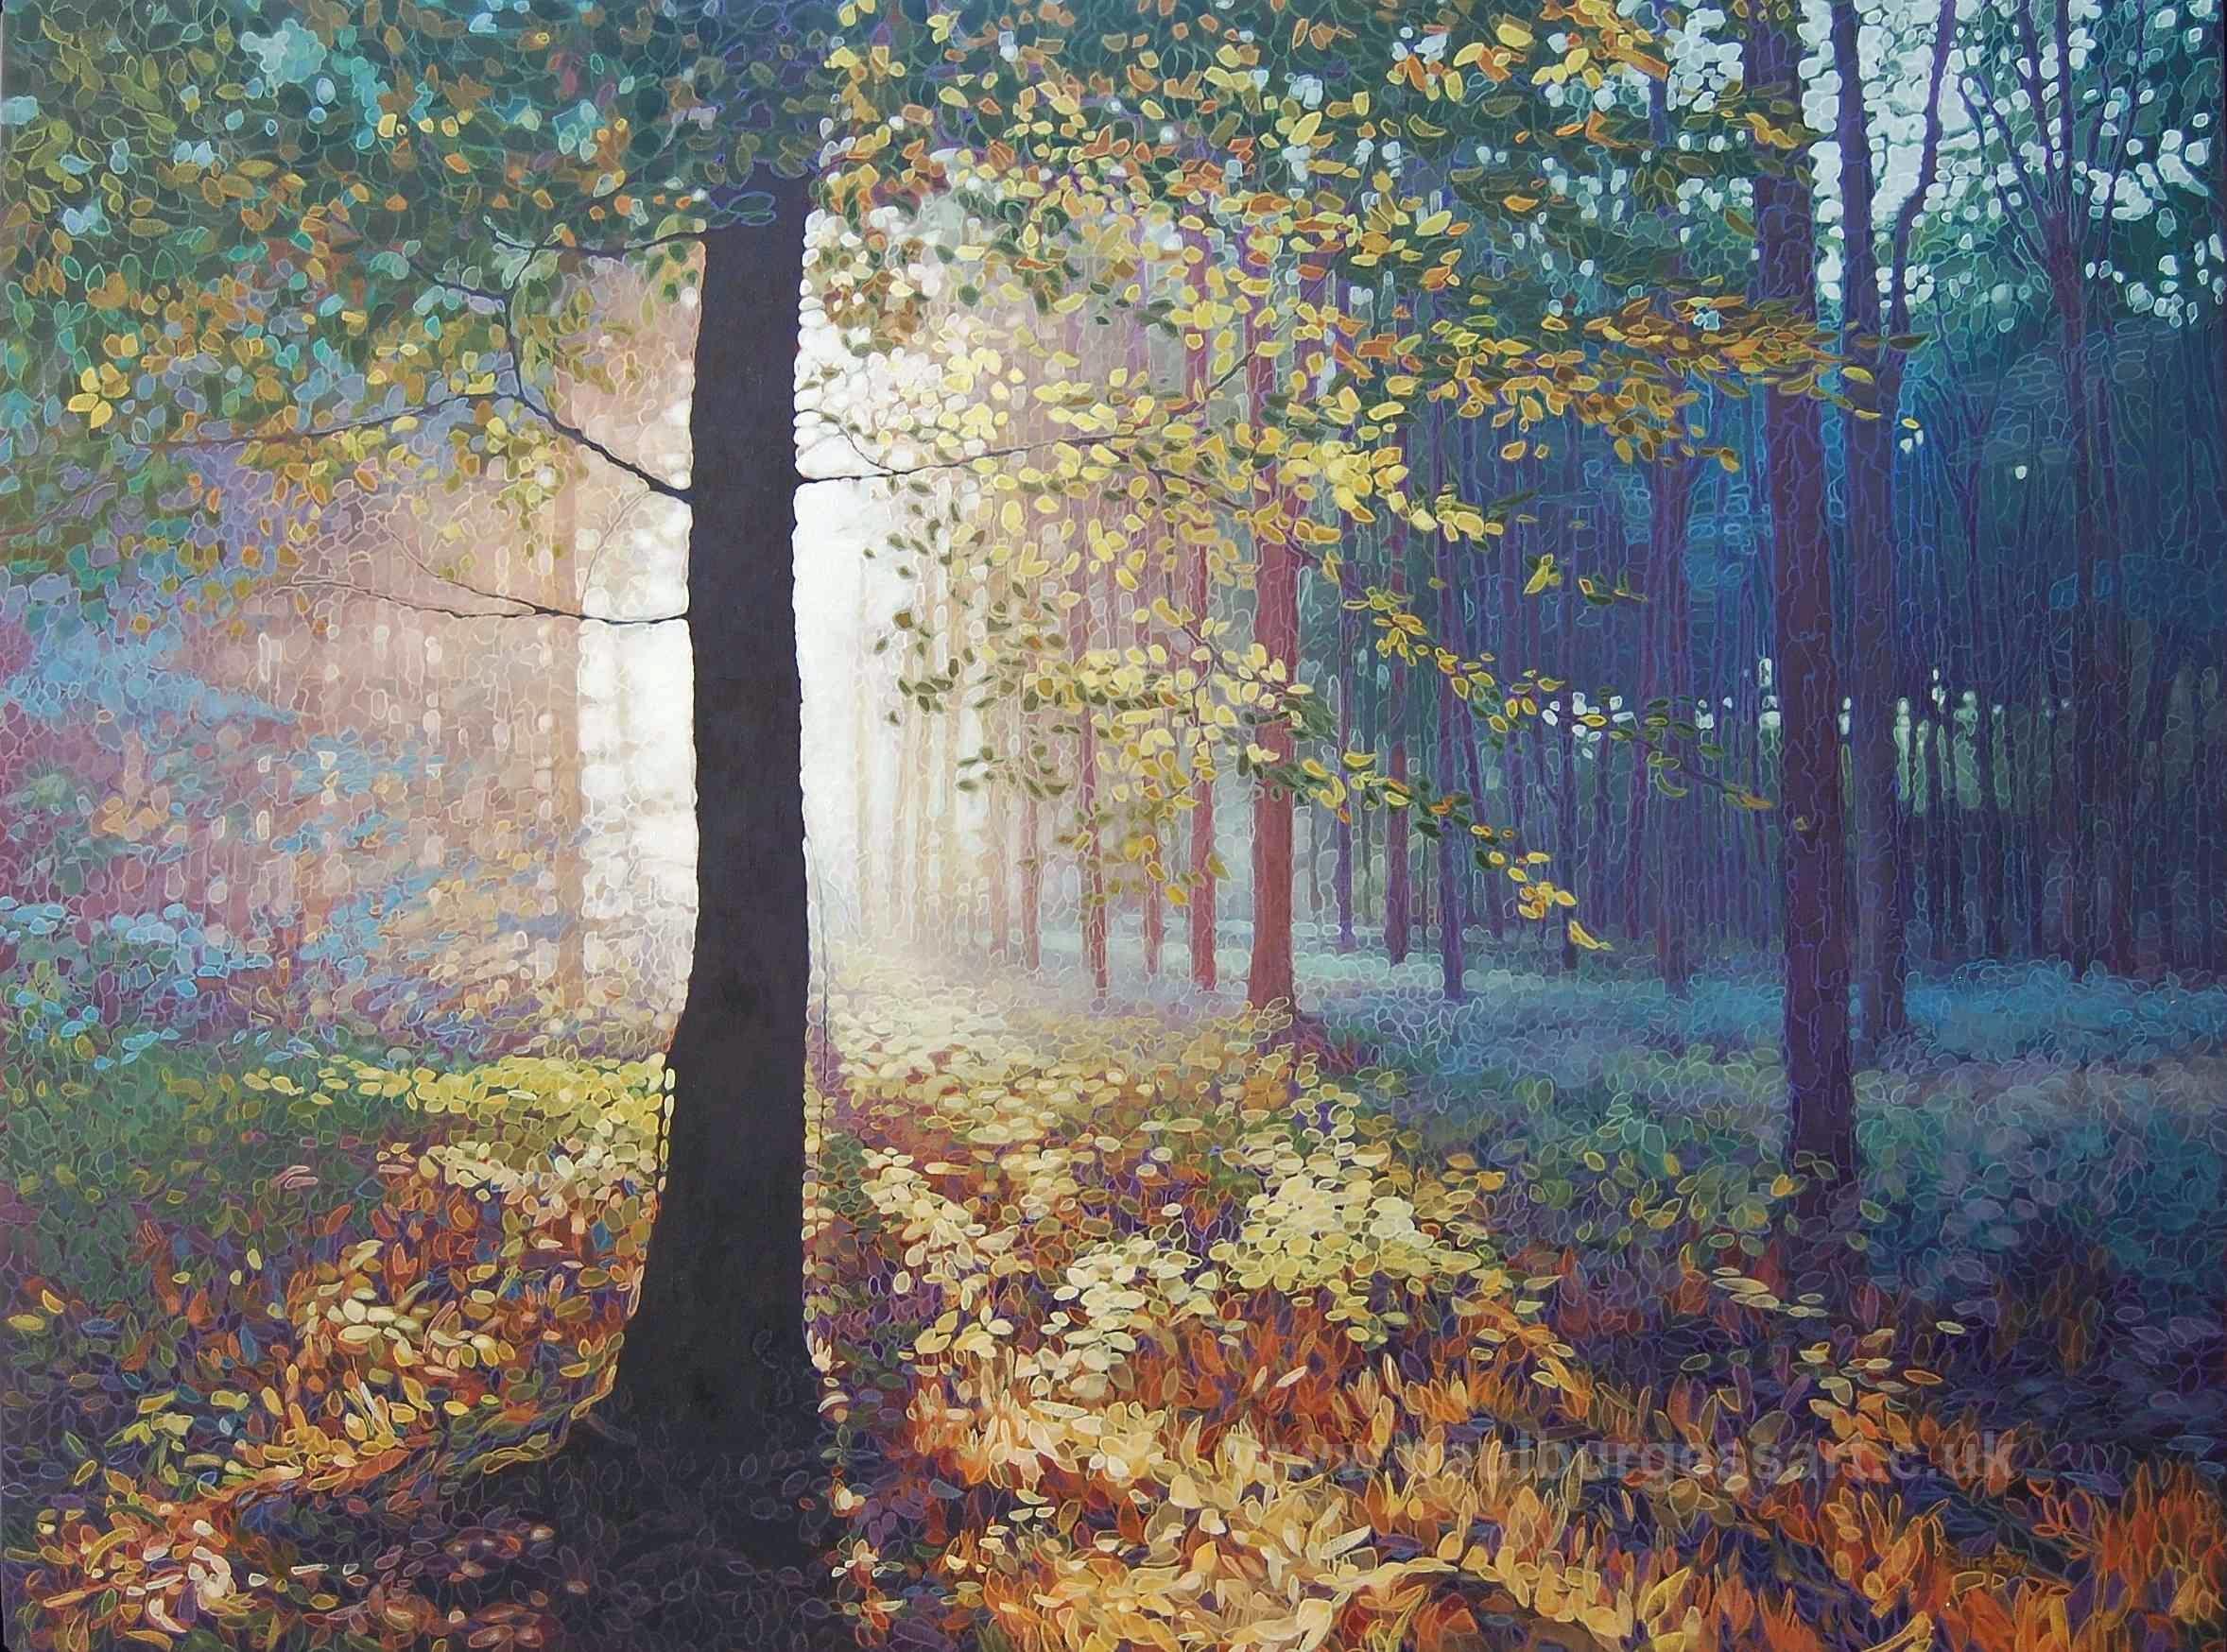 Forest Dawn 2